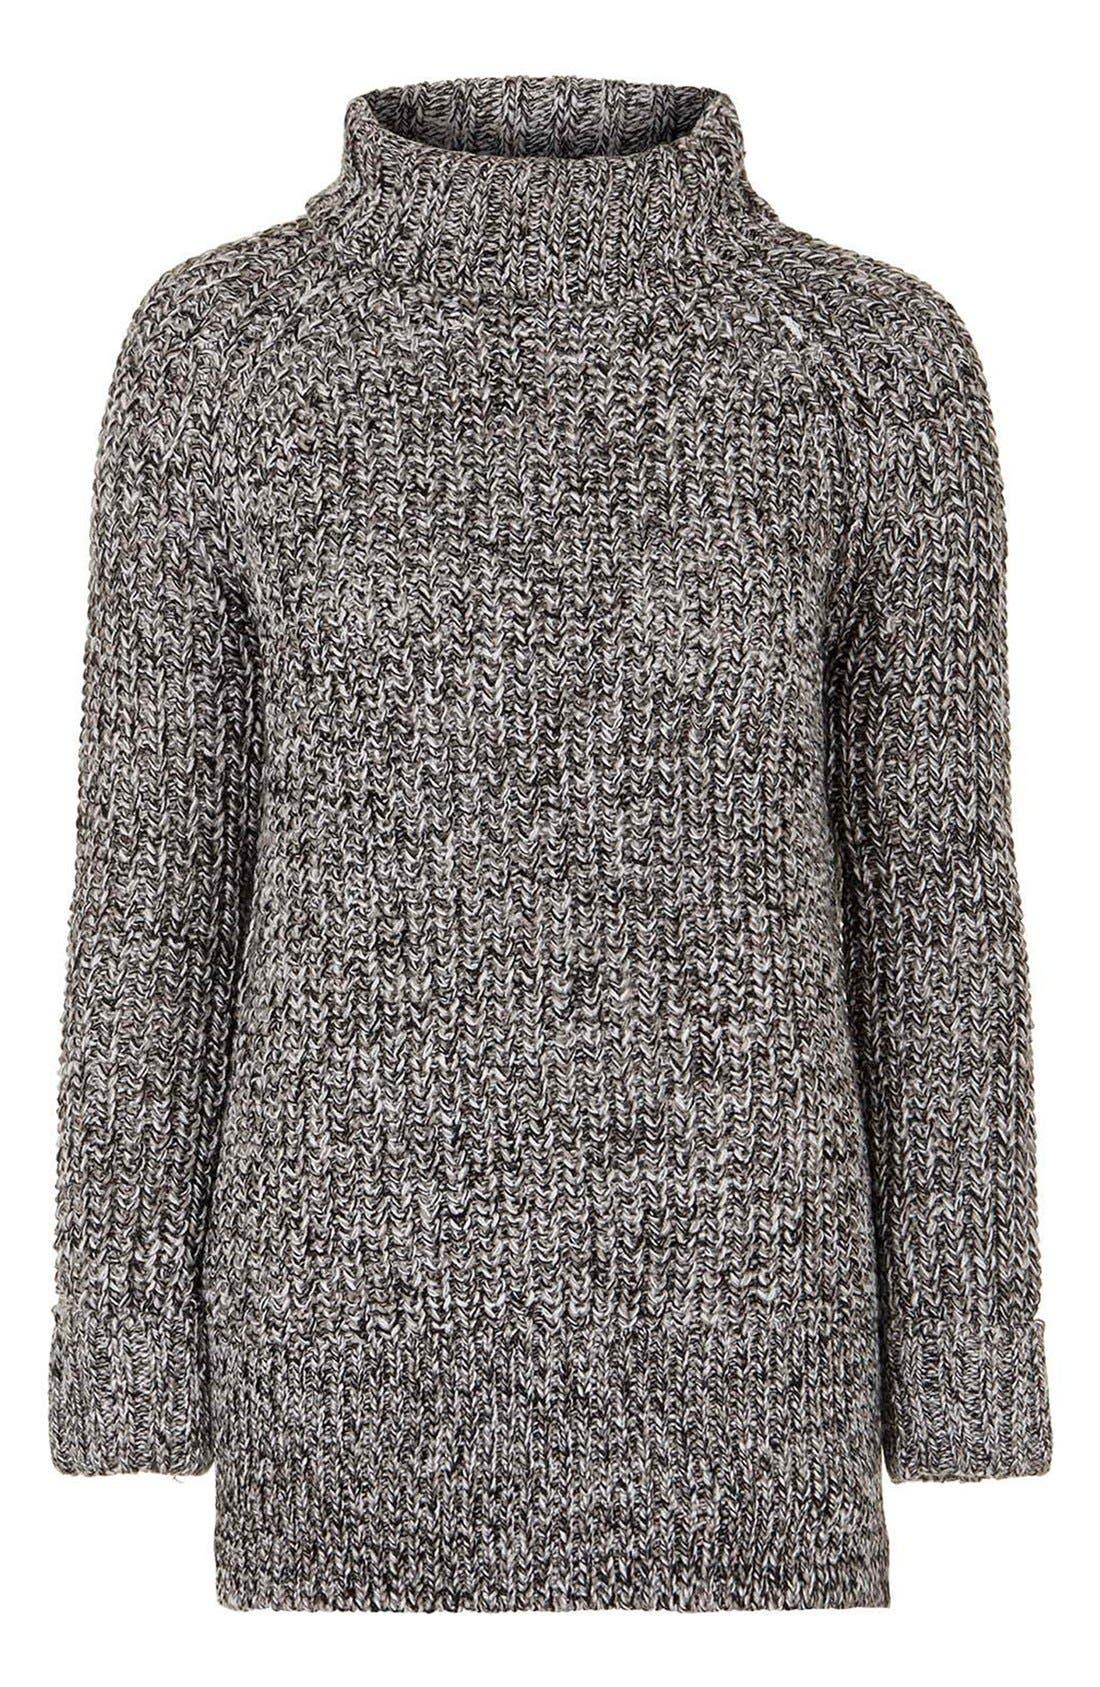 Alternate Image 4  - Topshop Rolled Turtleneck Sweater